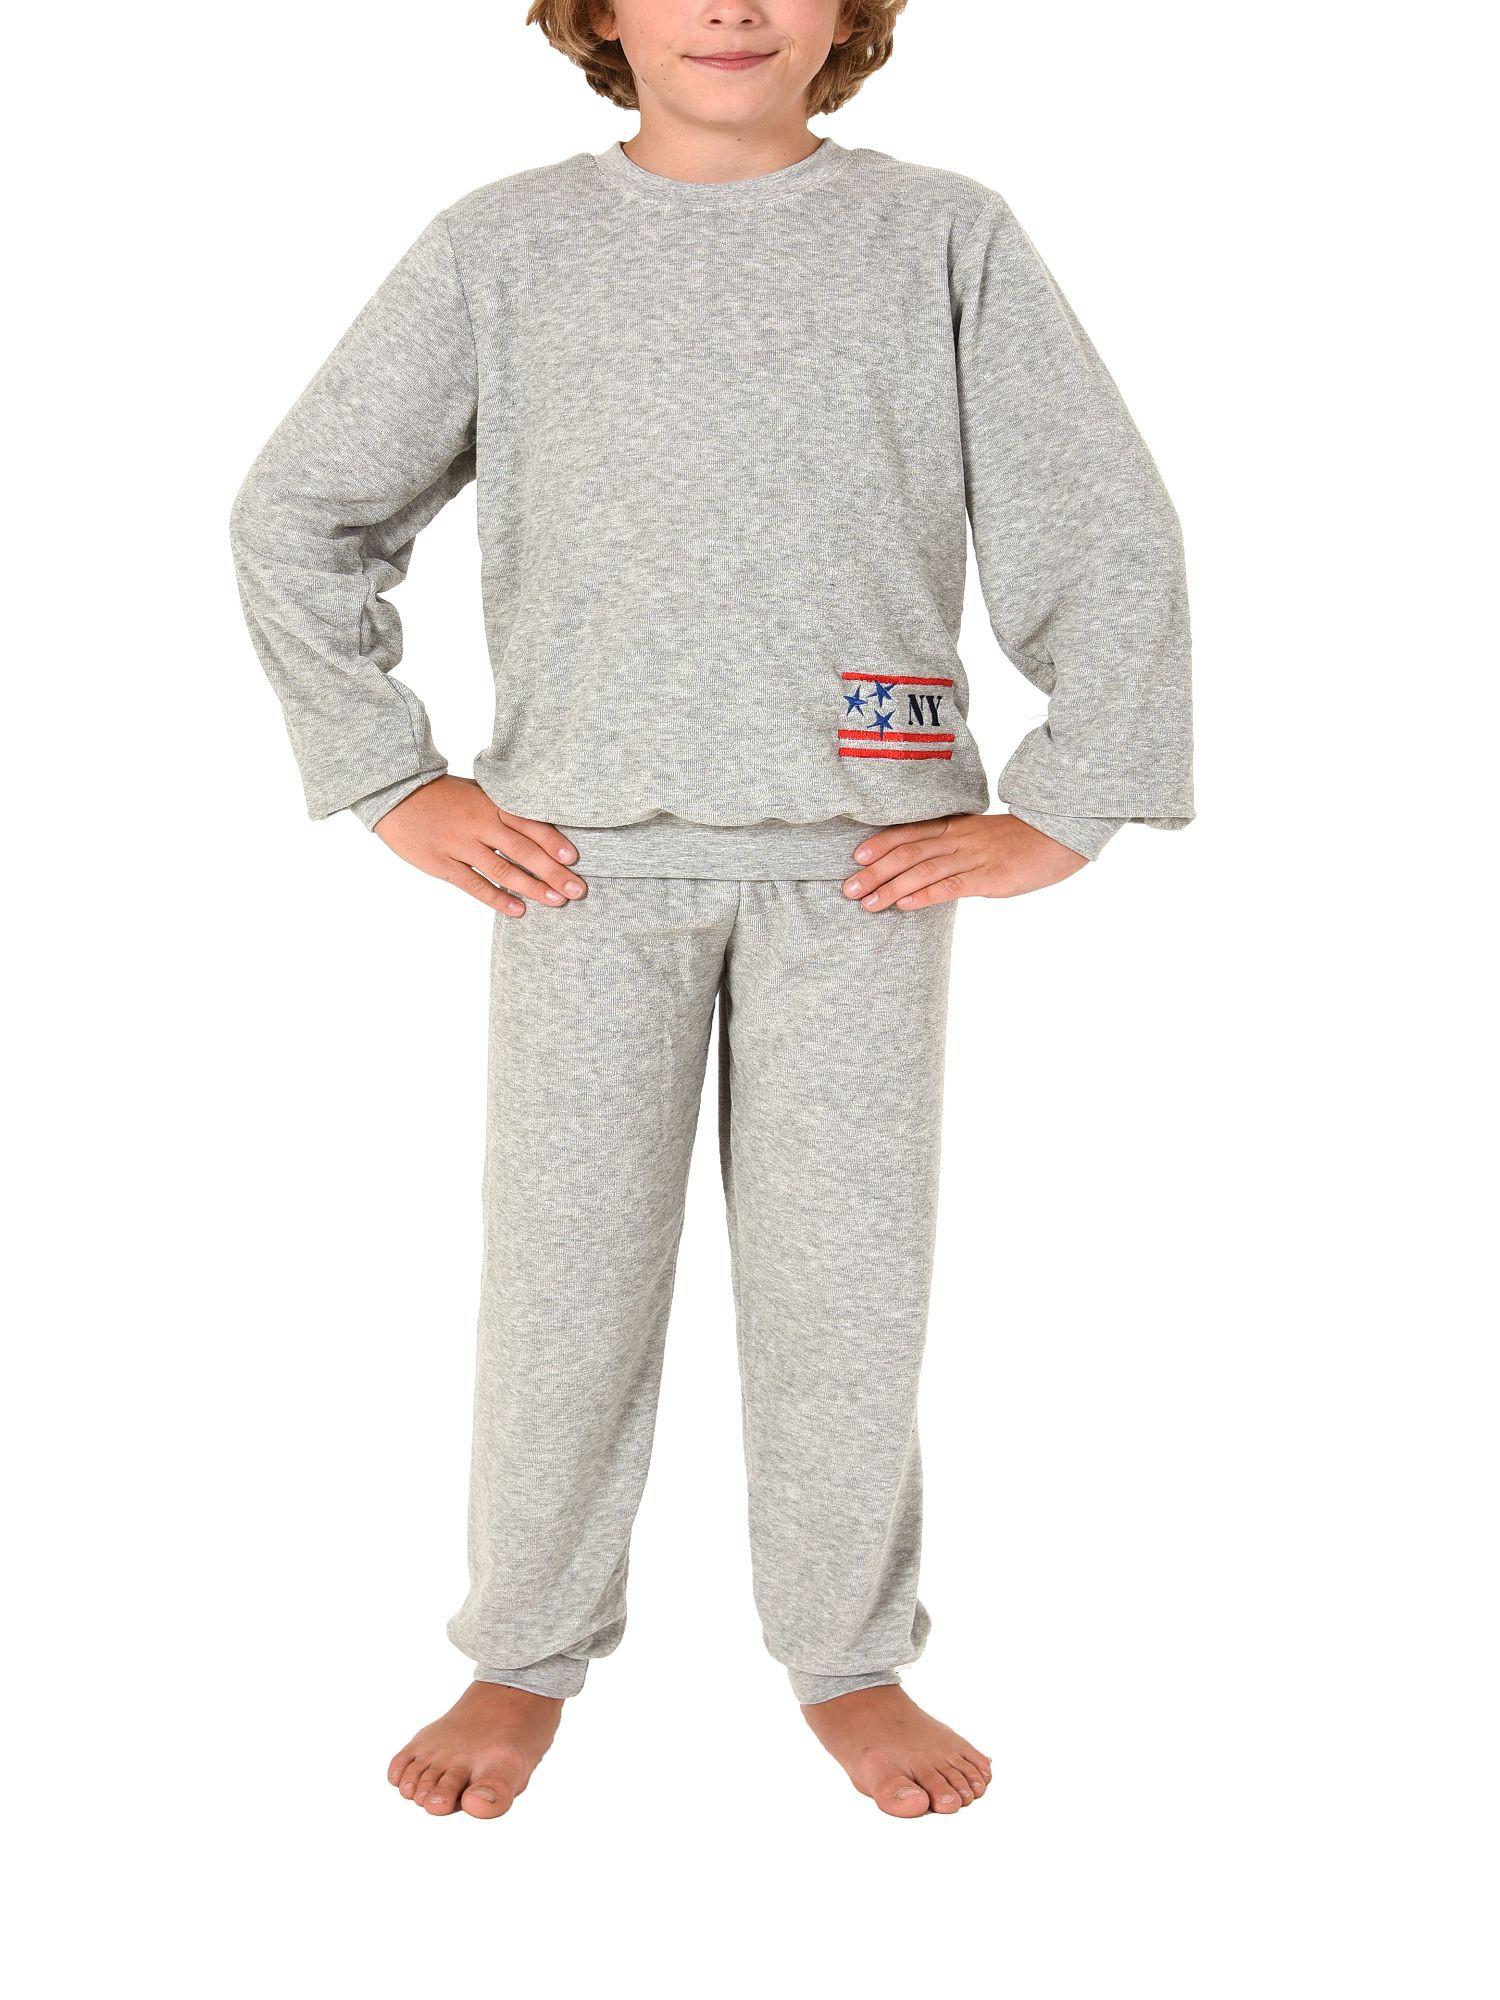 Jungen Frottee Pyjama langarm mit Bündchen -271 501 93 730